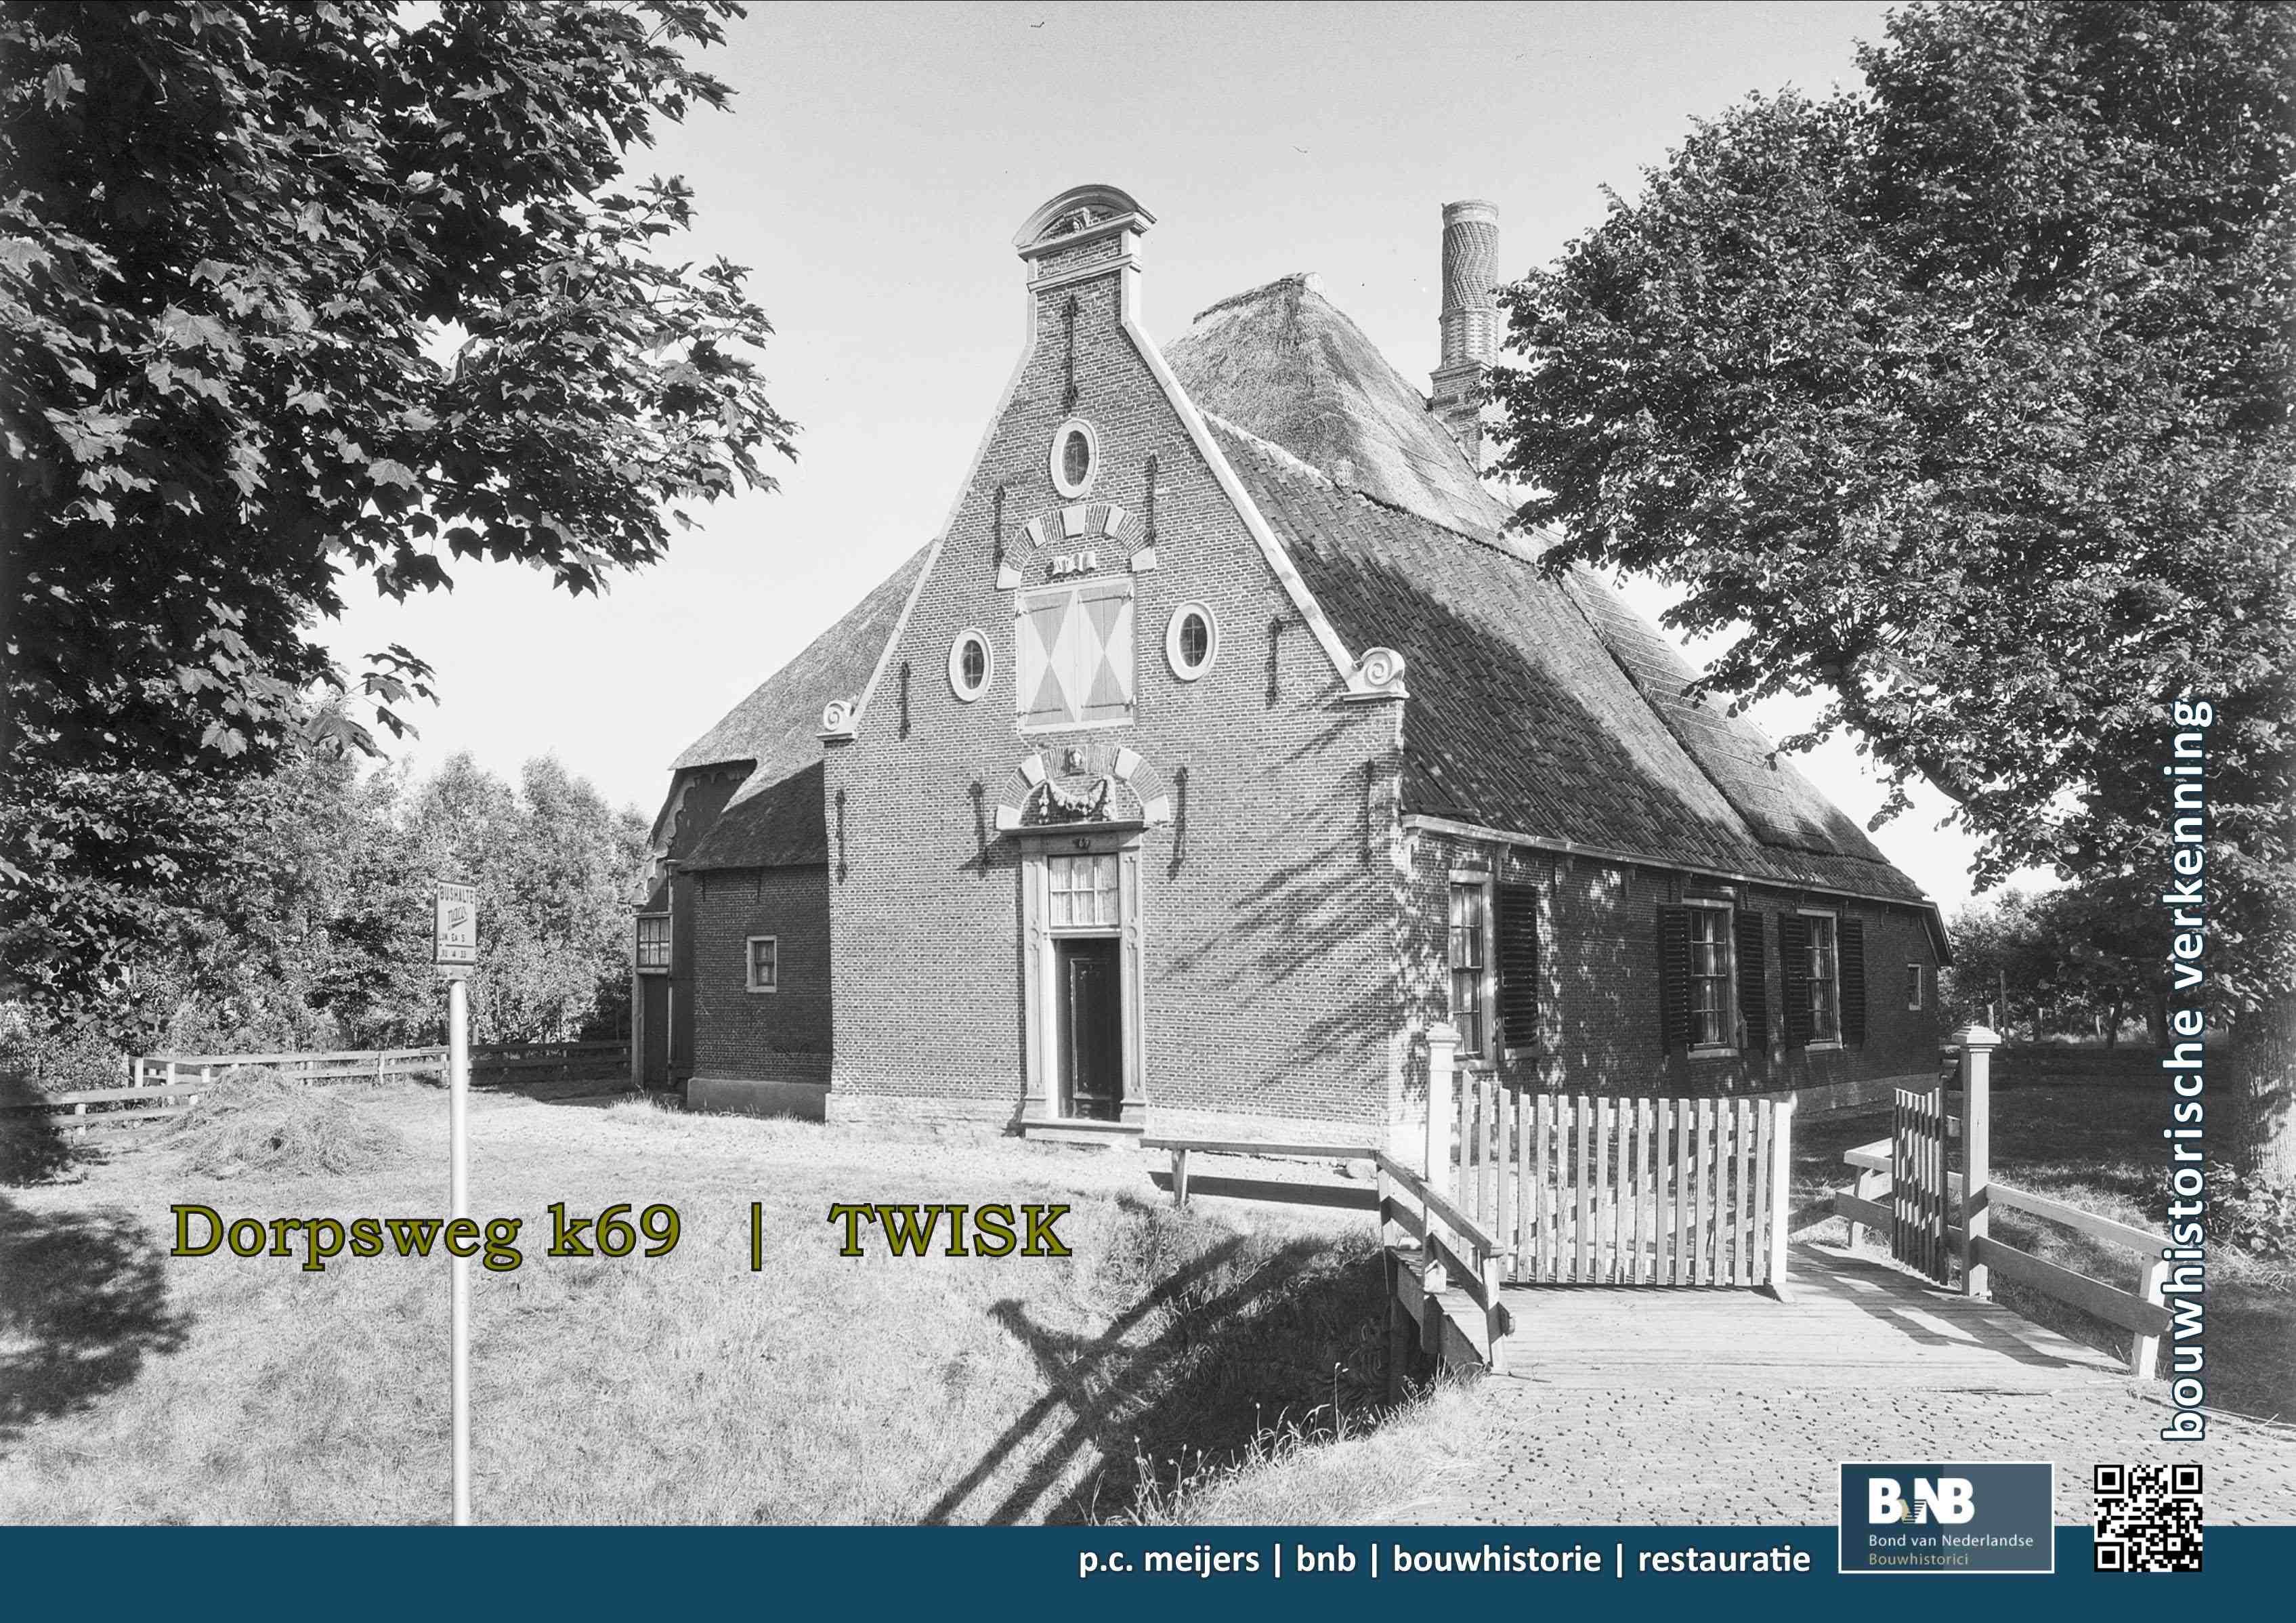 Stolpboerderij Dorpsweg 69, Twisk